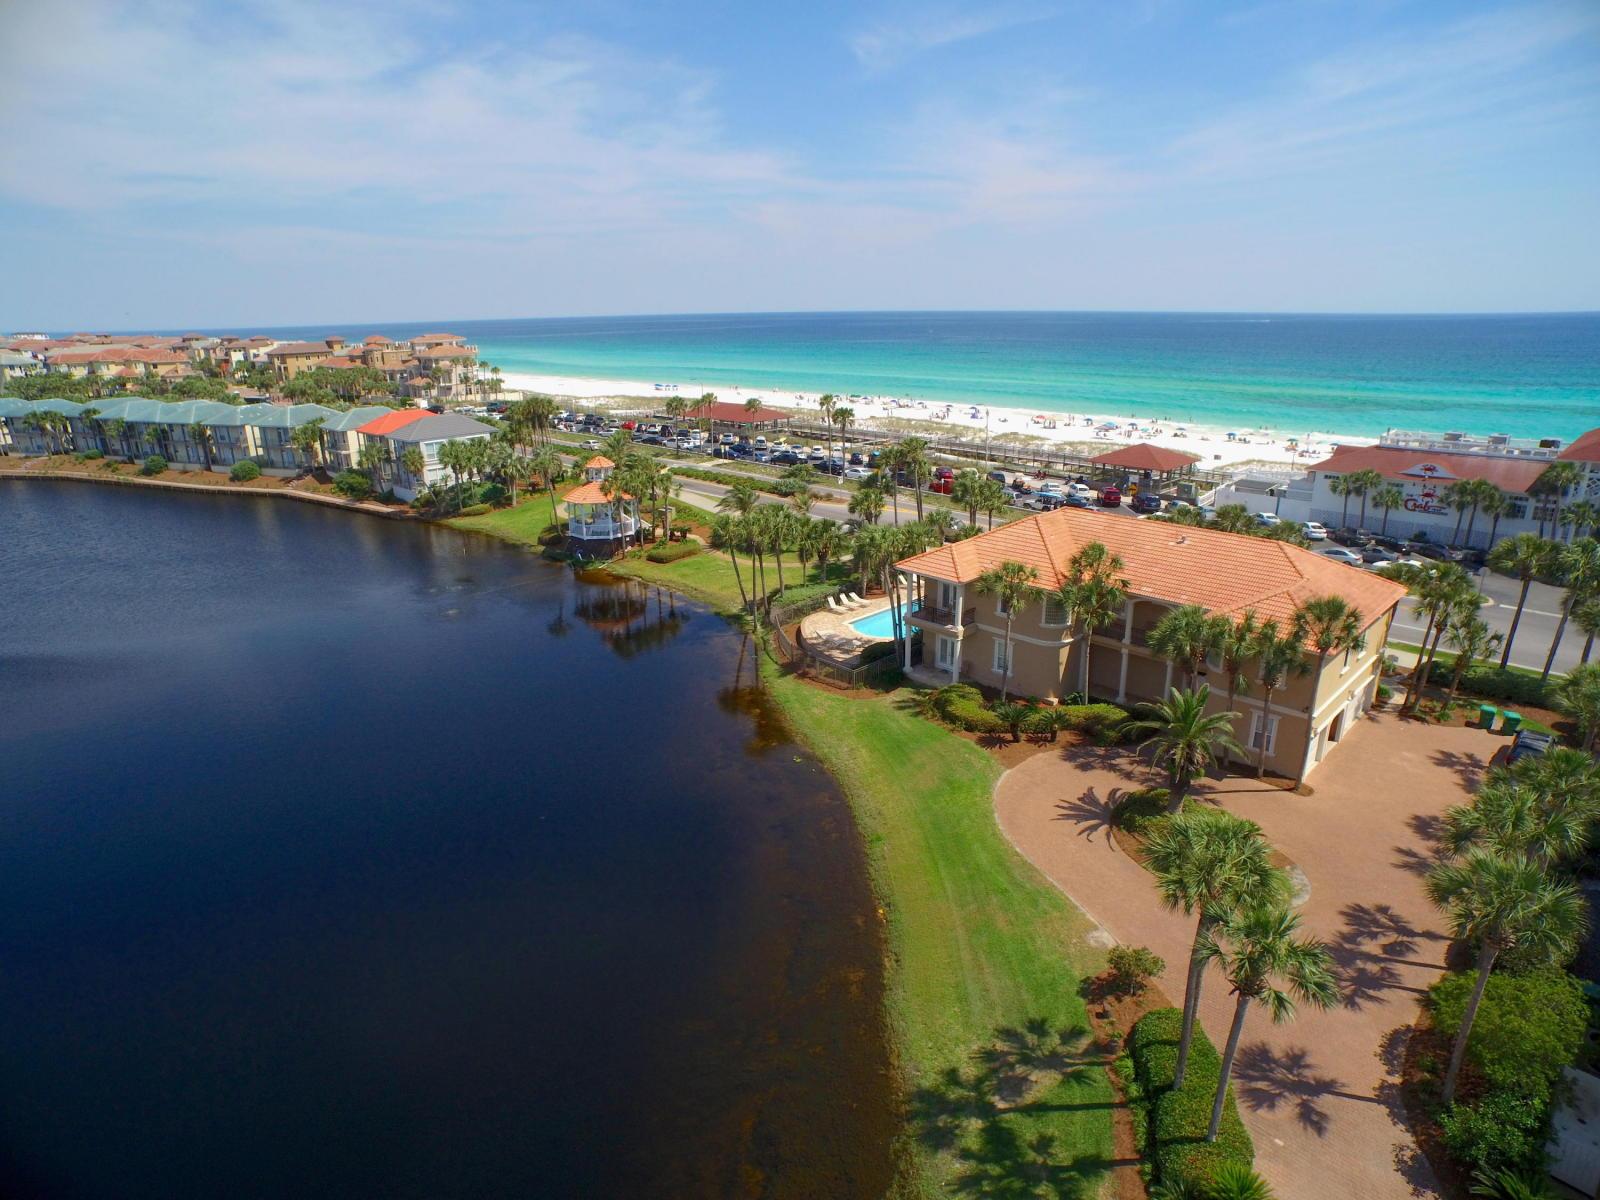 一戸建て のために 売買 アット LAKEFRONT MEDITERRANEAN WITH GULF VIEW 4664 Destiny Way Destin, フロリダ 32541 アメリカ合衆国